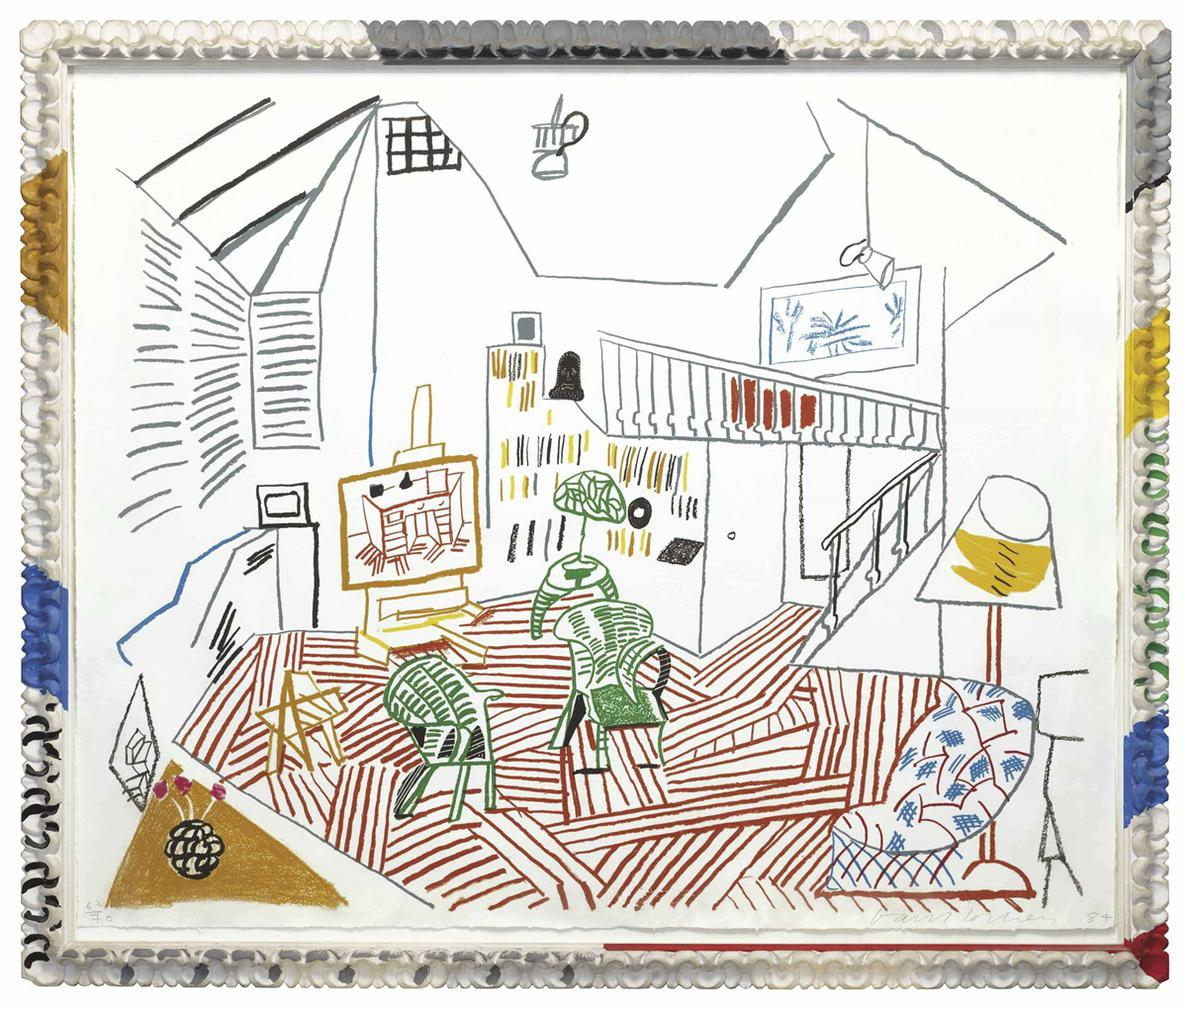 David Hockney-Pembroke Studio Interior, From Moving Focus-1984